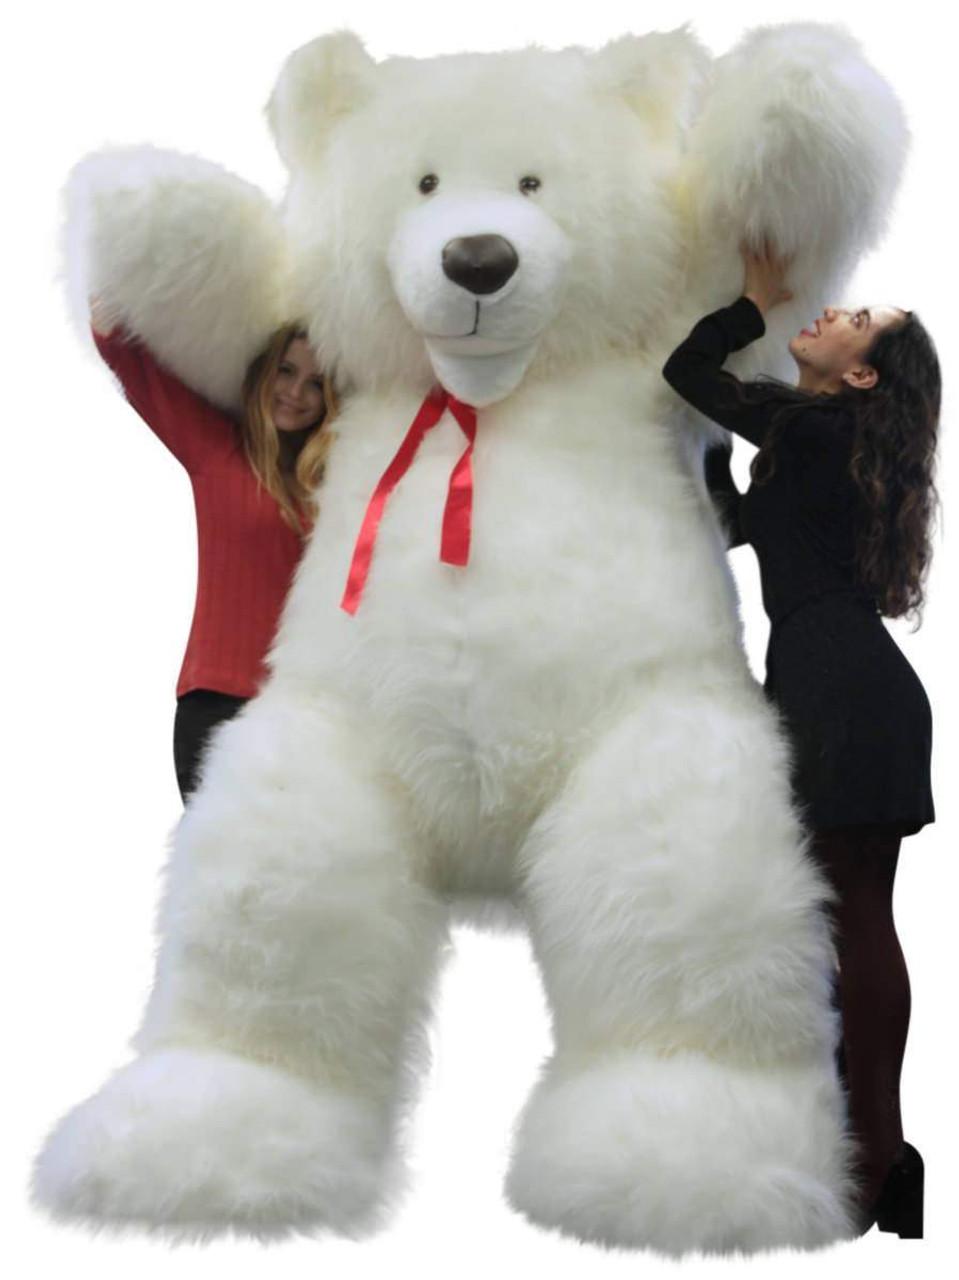 Sizes Insanely Big Stuffed Animals Big Plush Personalized Giant